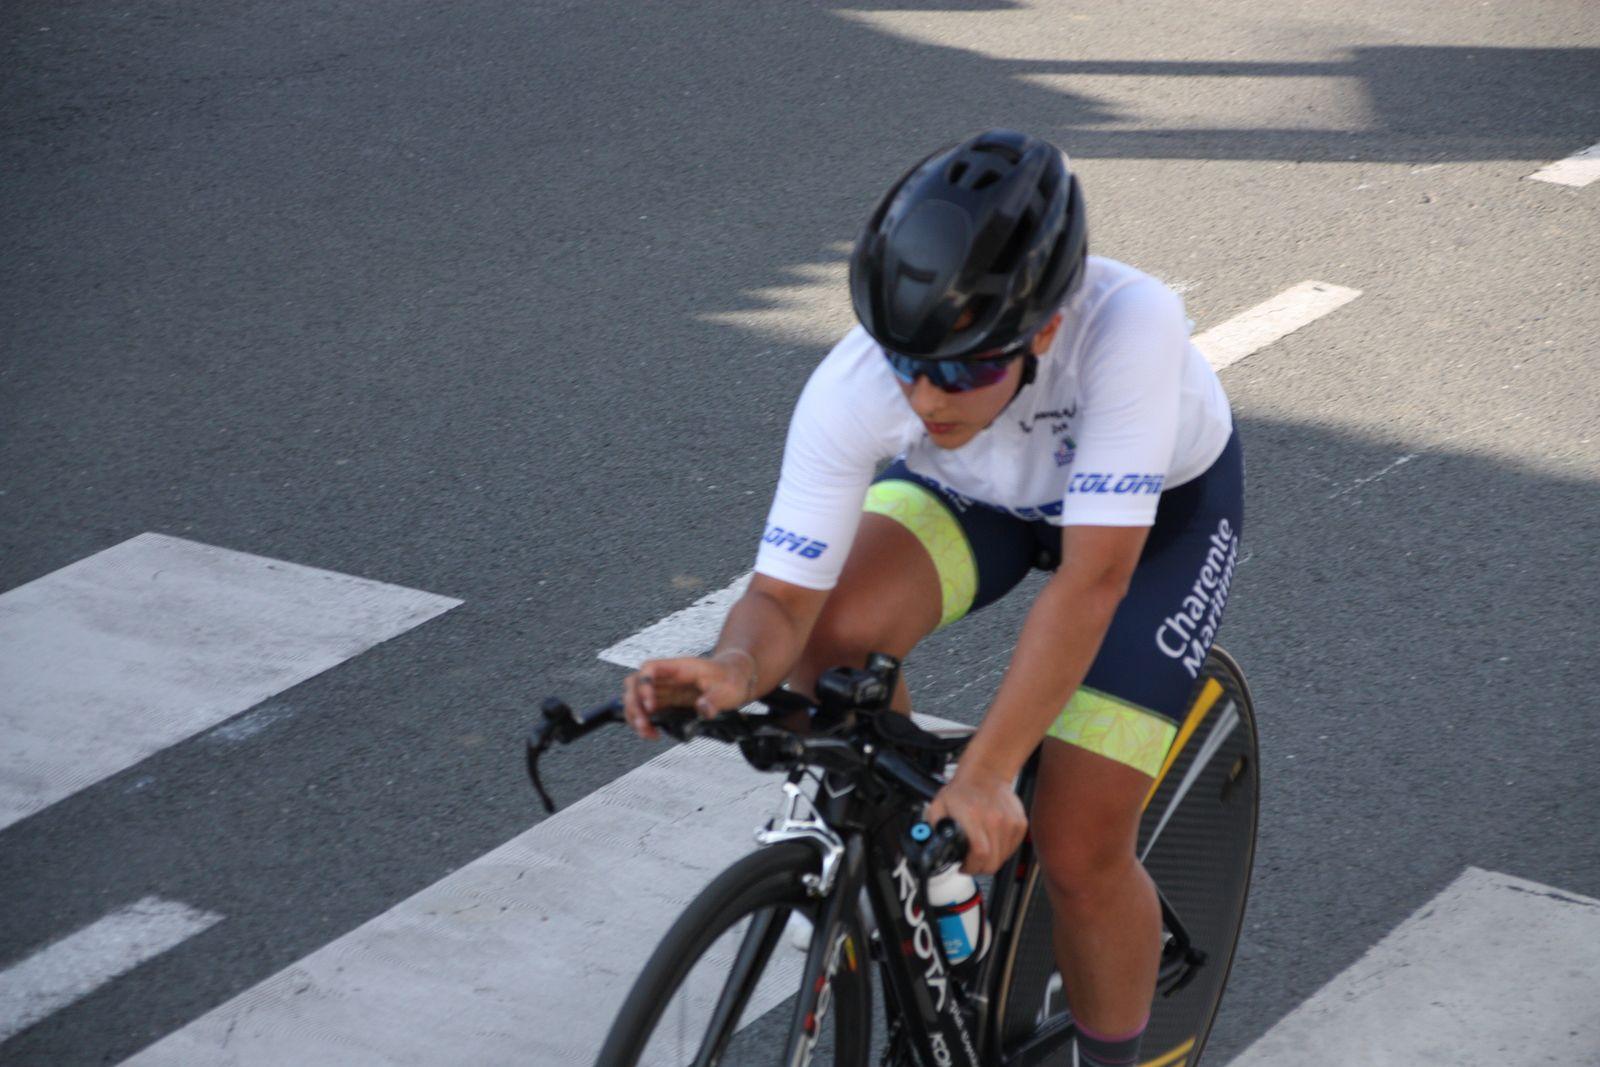 2e étape contre  la montre  à  St  Germain de Lusignan